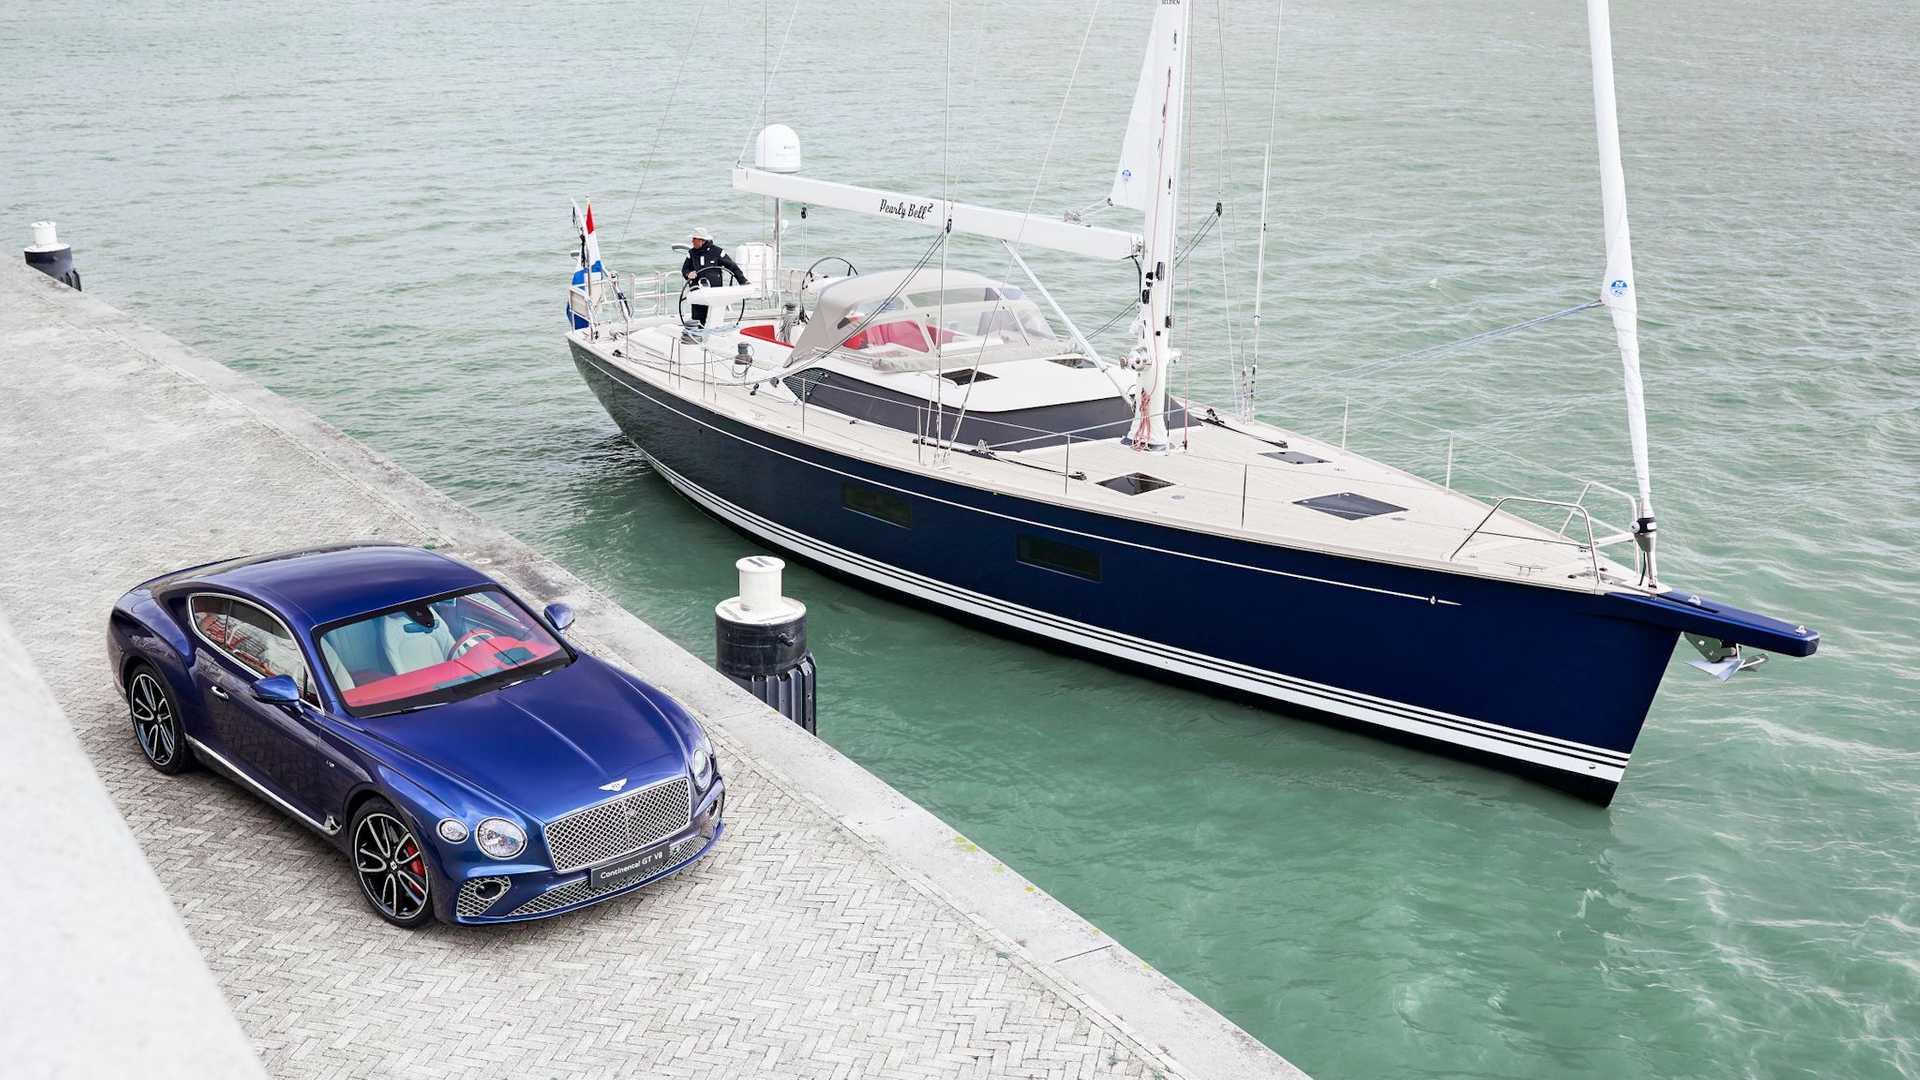 bentley contest 59 cs interior - طراحی کابین قایقی بسیار لوکس توسط بنتلی